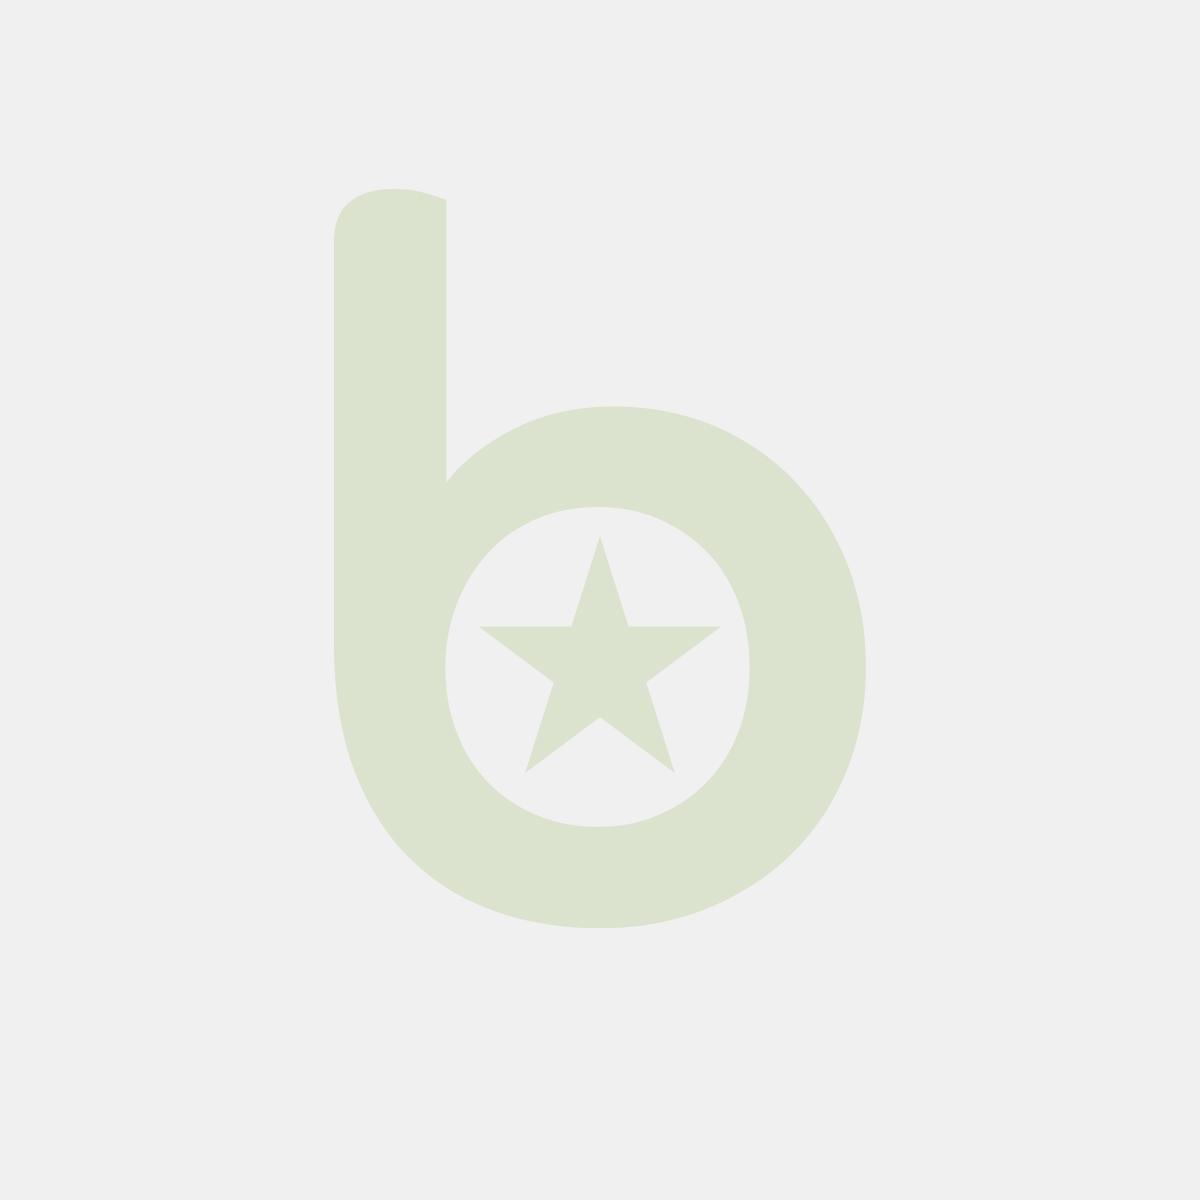 Dziurkacz ICO Boxer 080, dziurkuje do 10 kartek, czarny